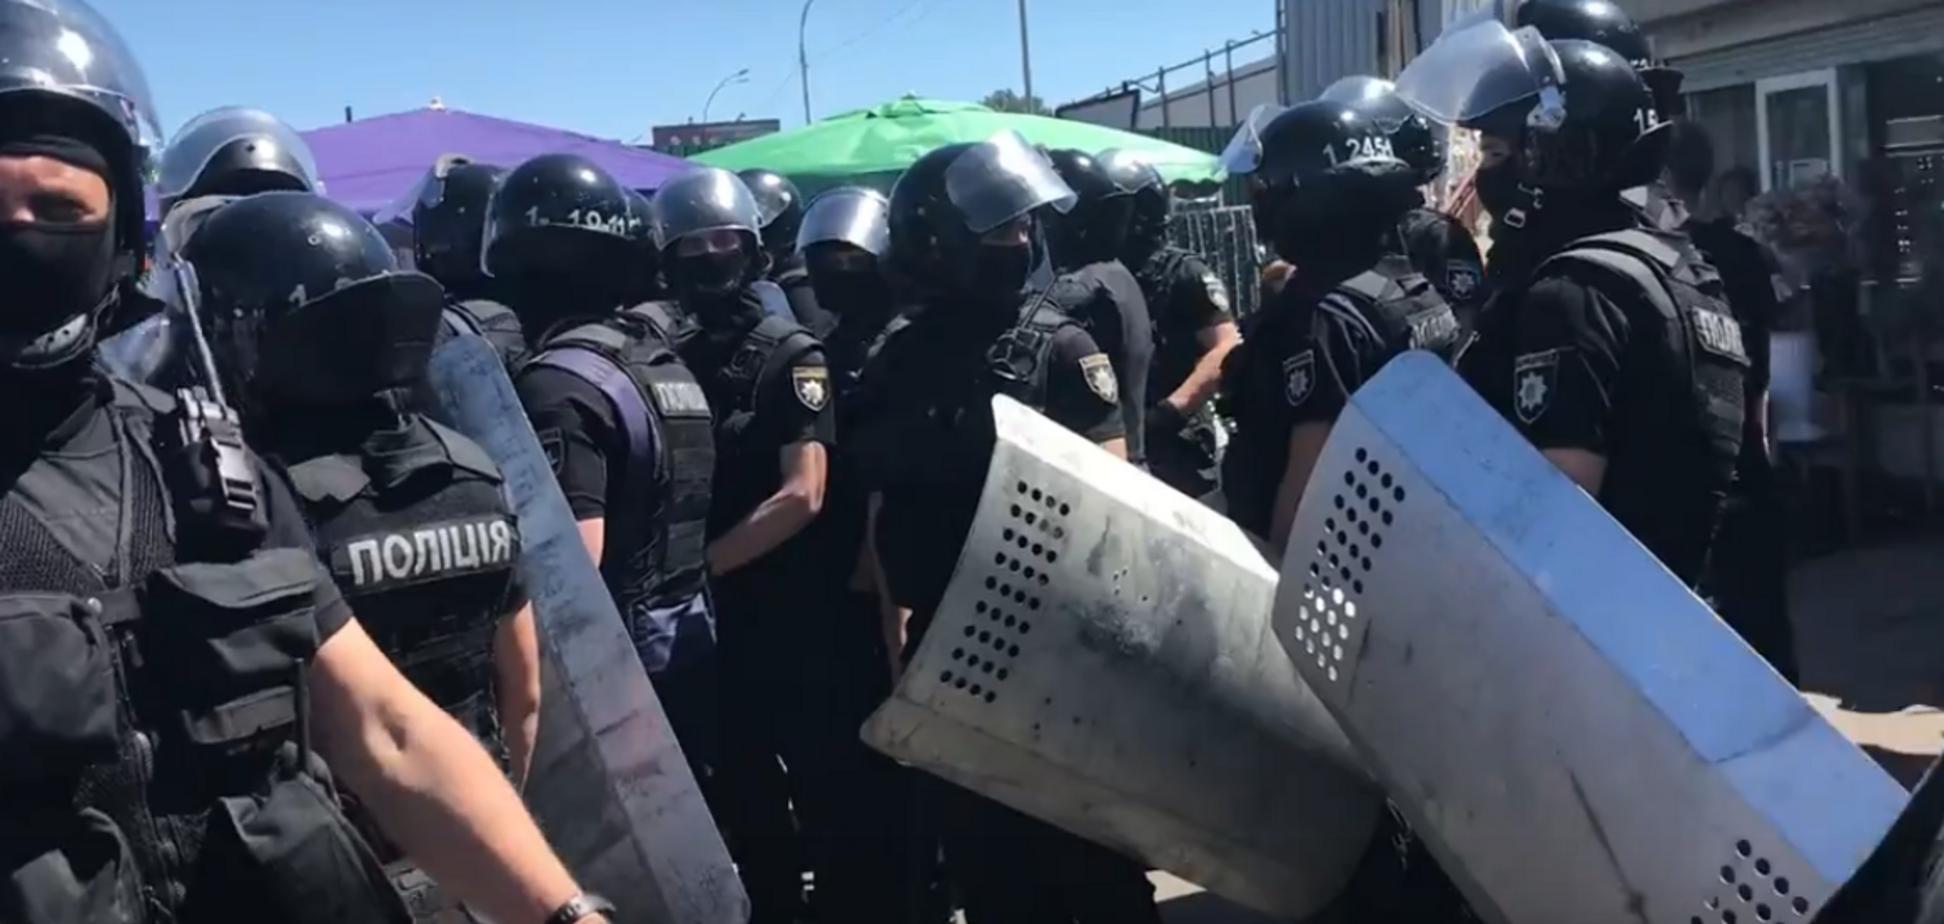 Погром у Києві: з'явилися перші відео з місця сутички